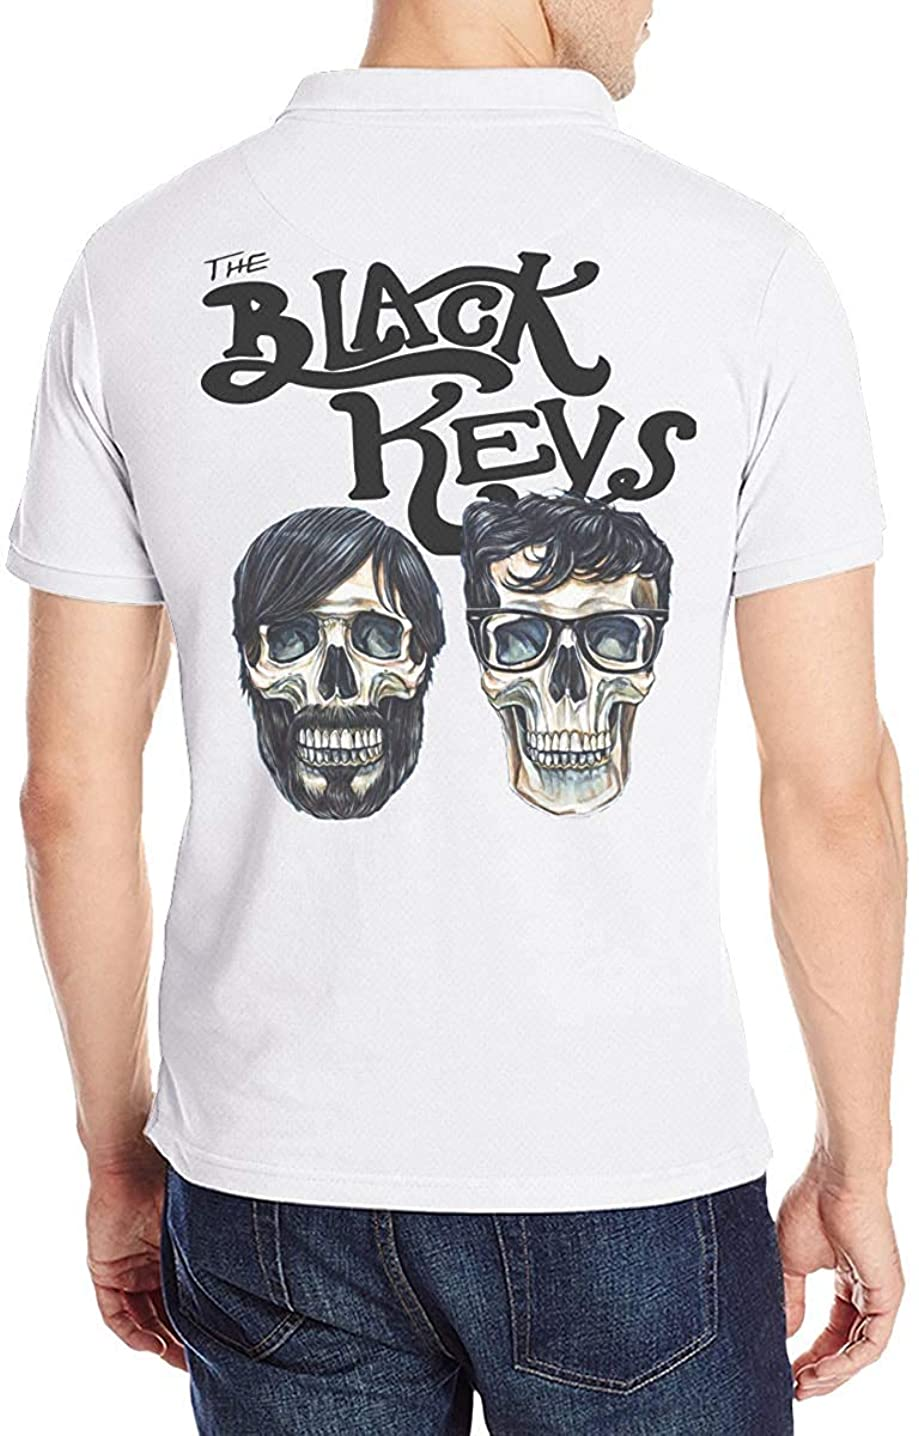 輝く散髪アンケートザ?ブラック?キーズ The Black Keys ポロシャツメンズ半袖 モーション 花柄 通気性 贈り物 Tシャツ